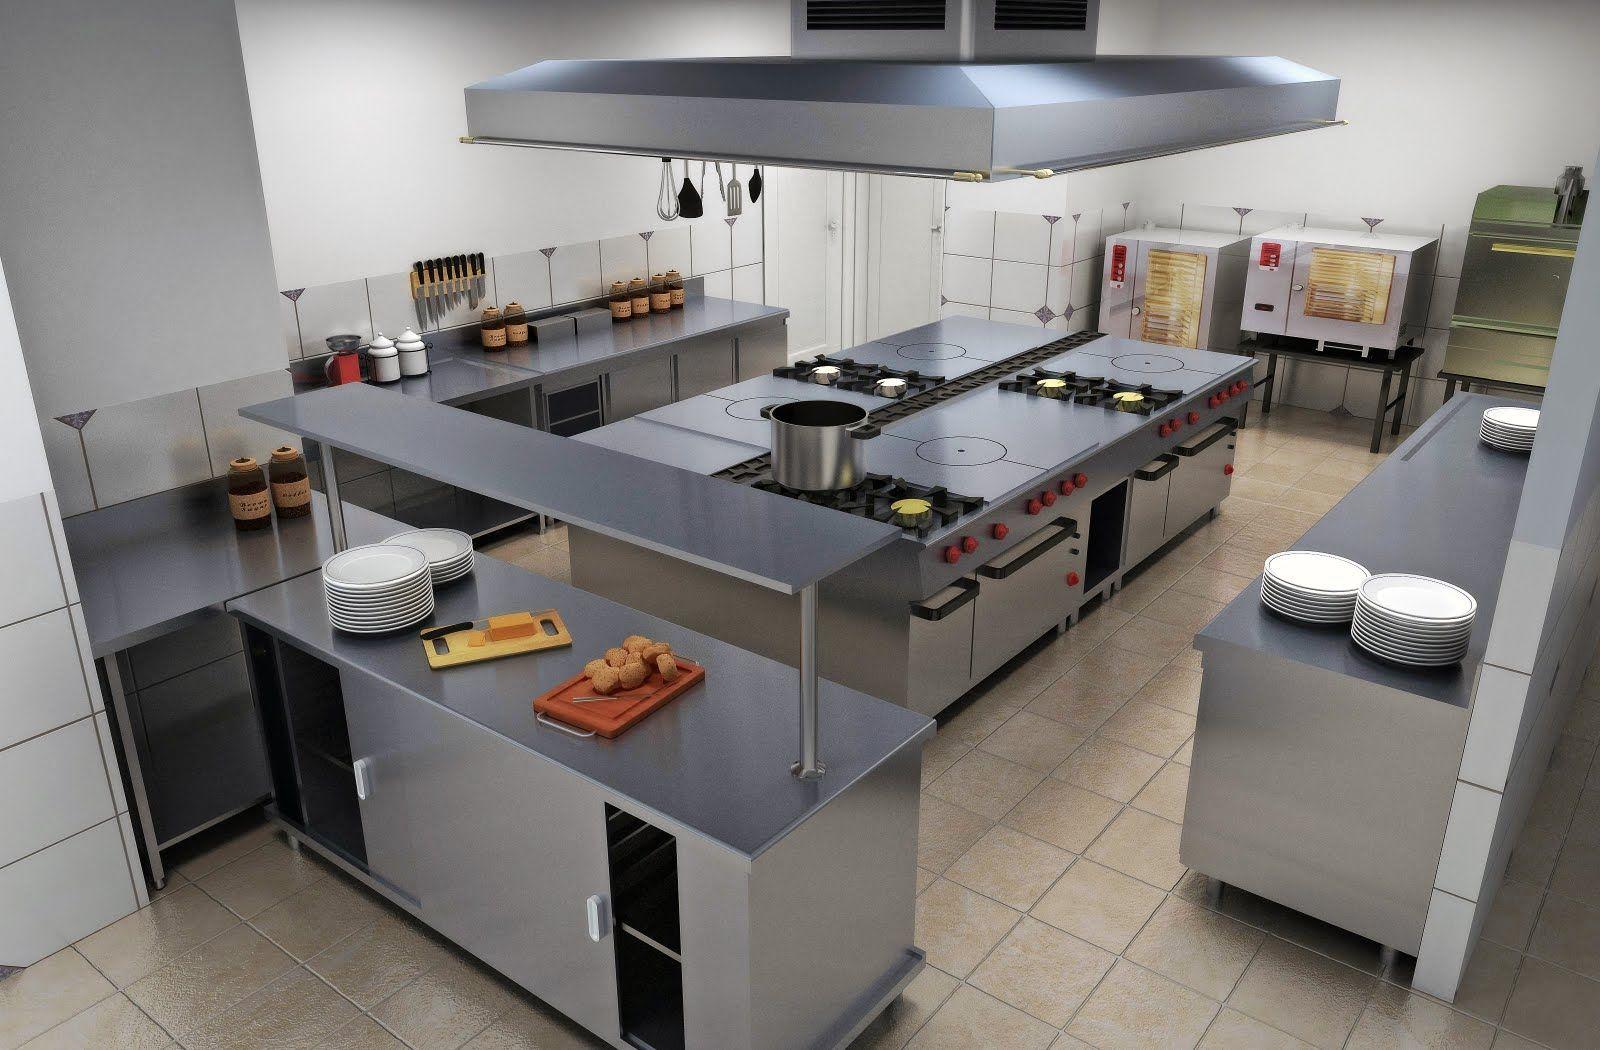 imagenes de cocinas para restaurantes de b squeda